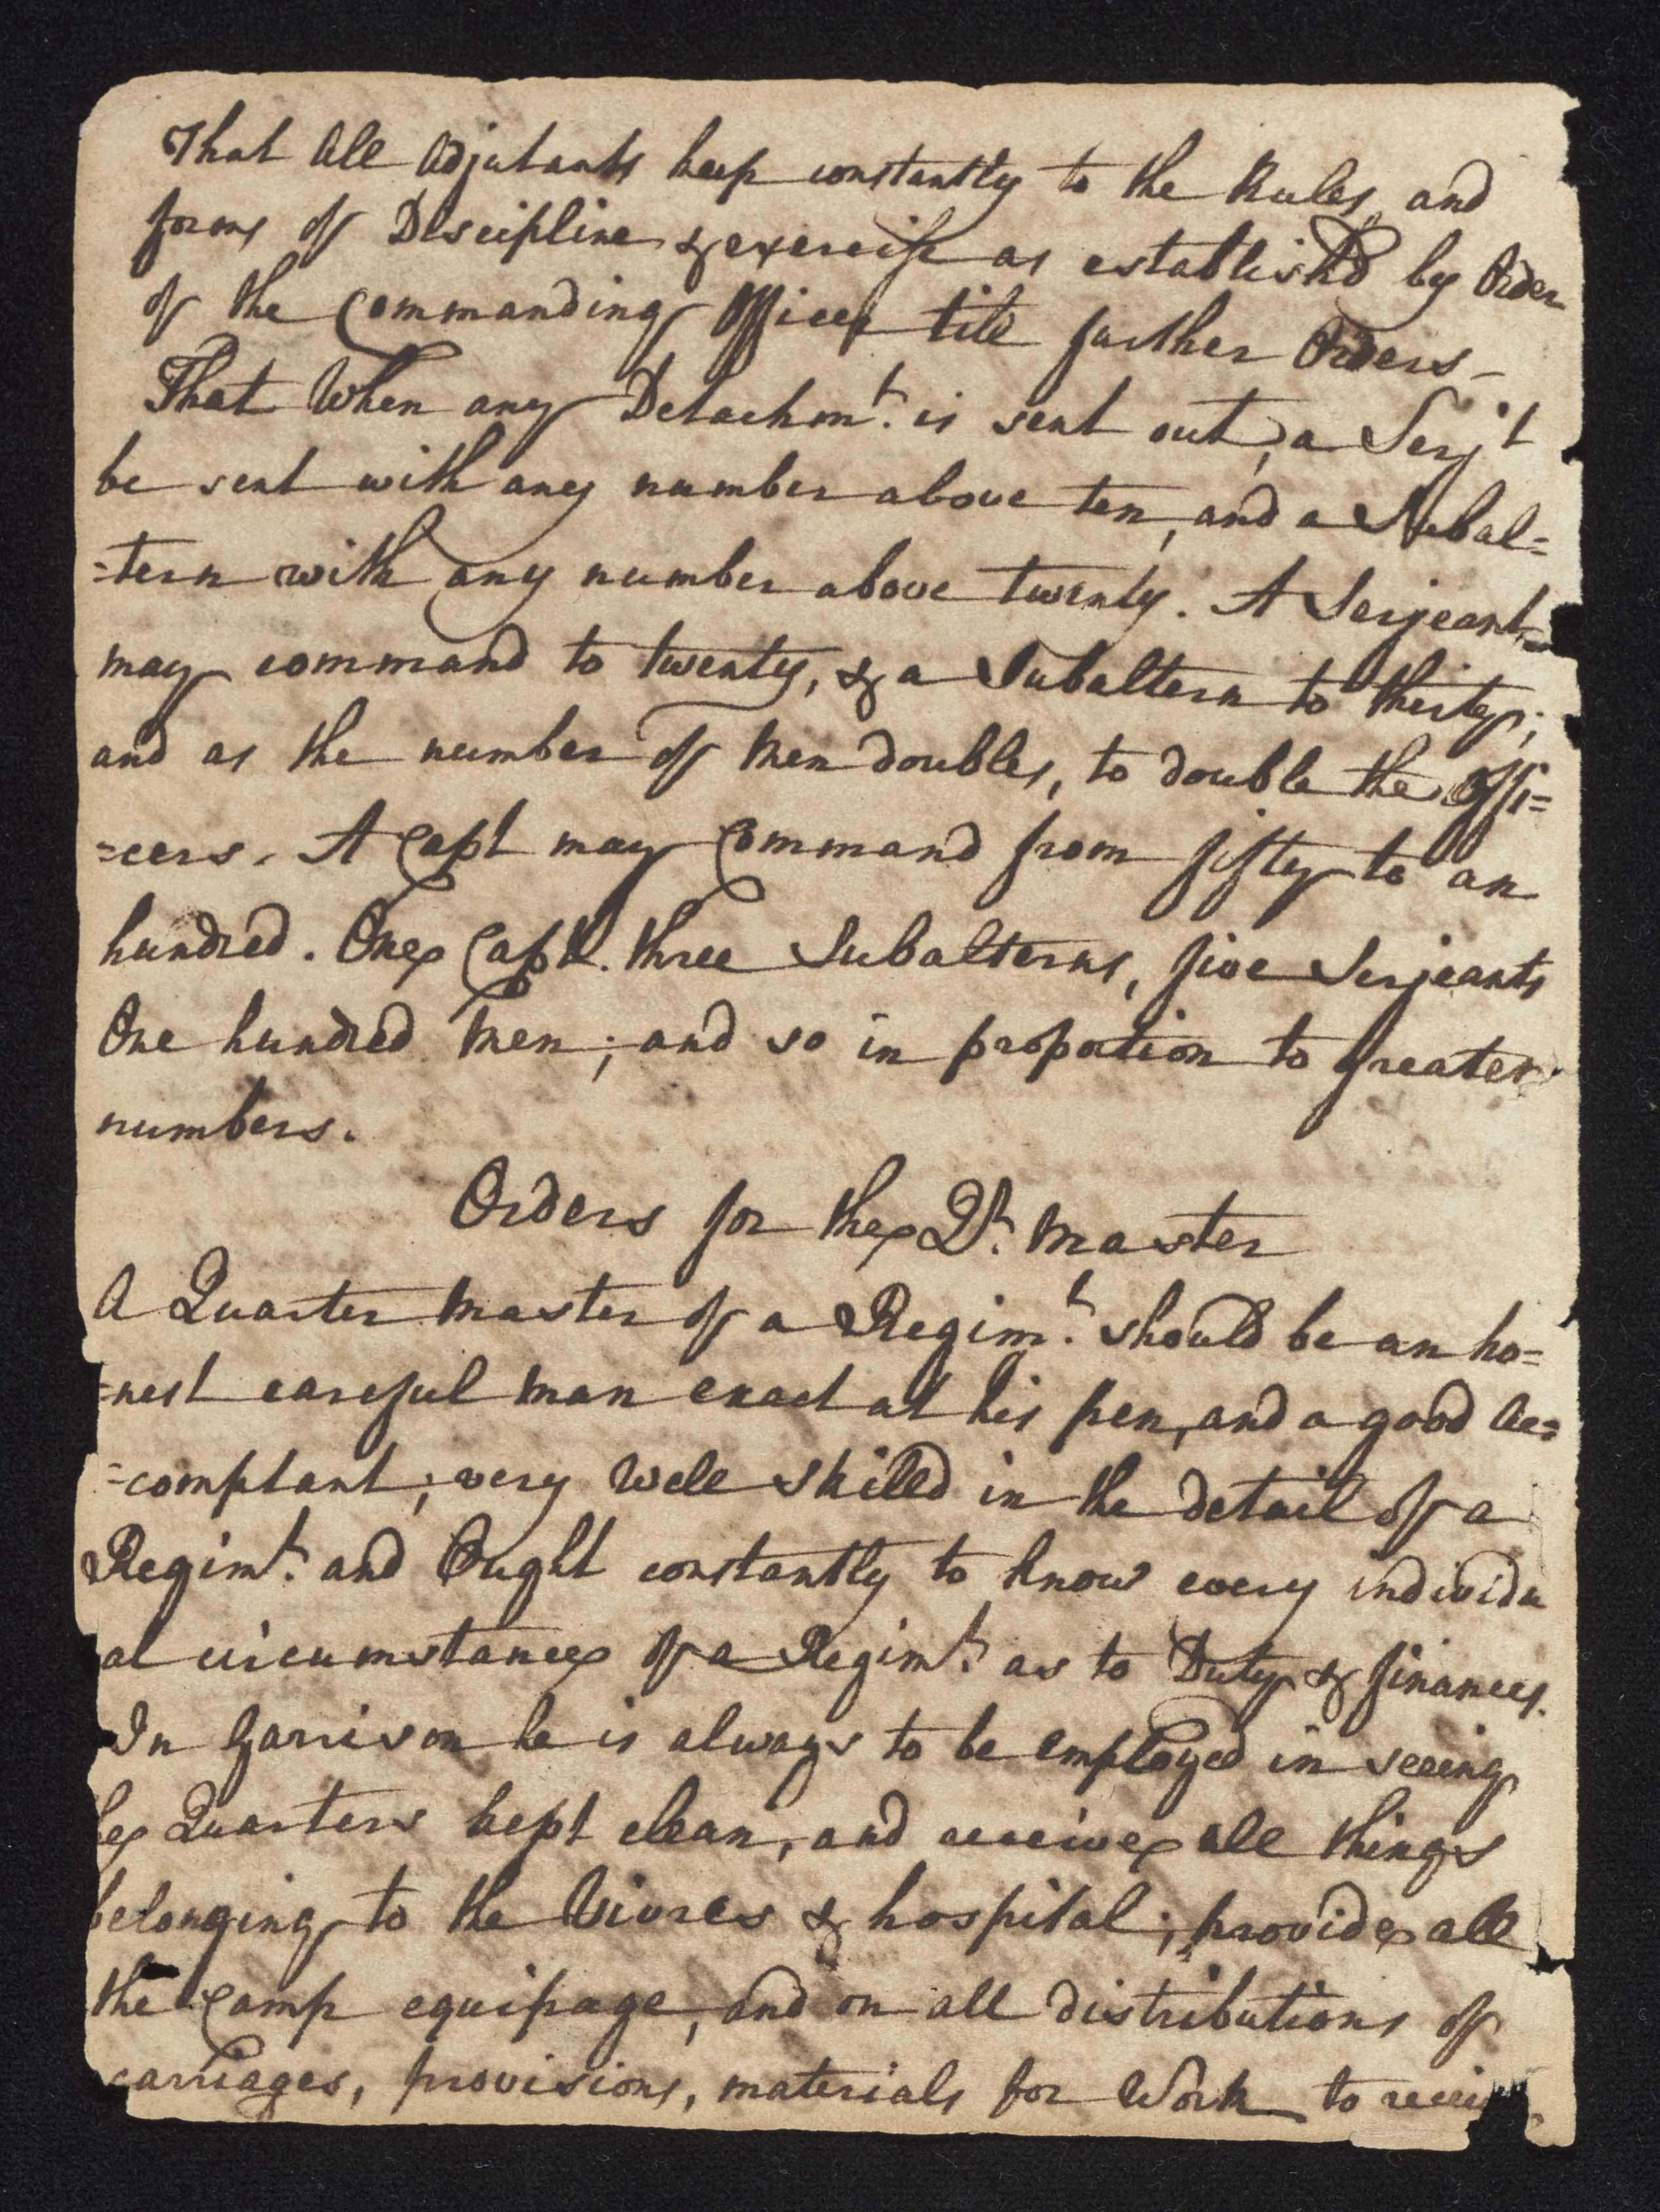 South Carolina Regiment Order Book, Page 2